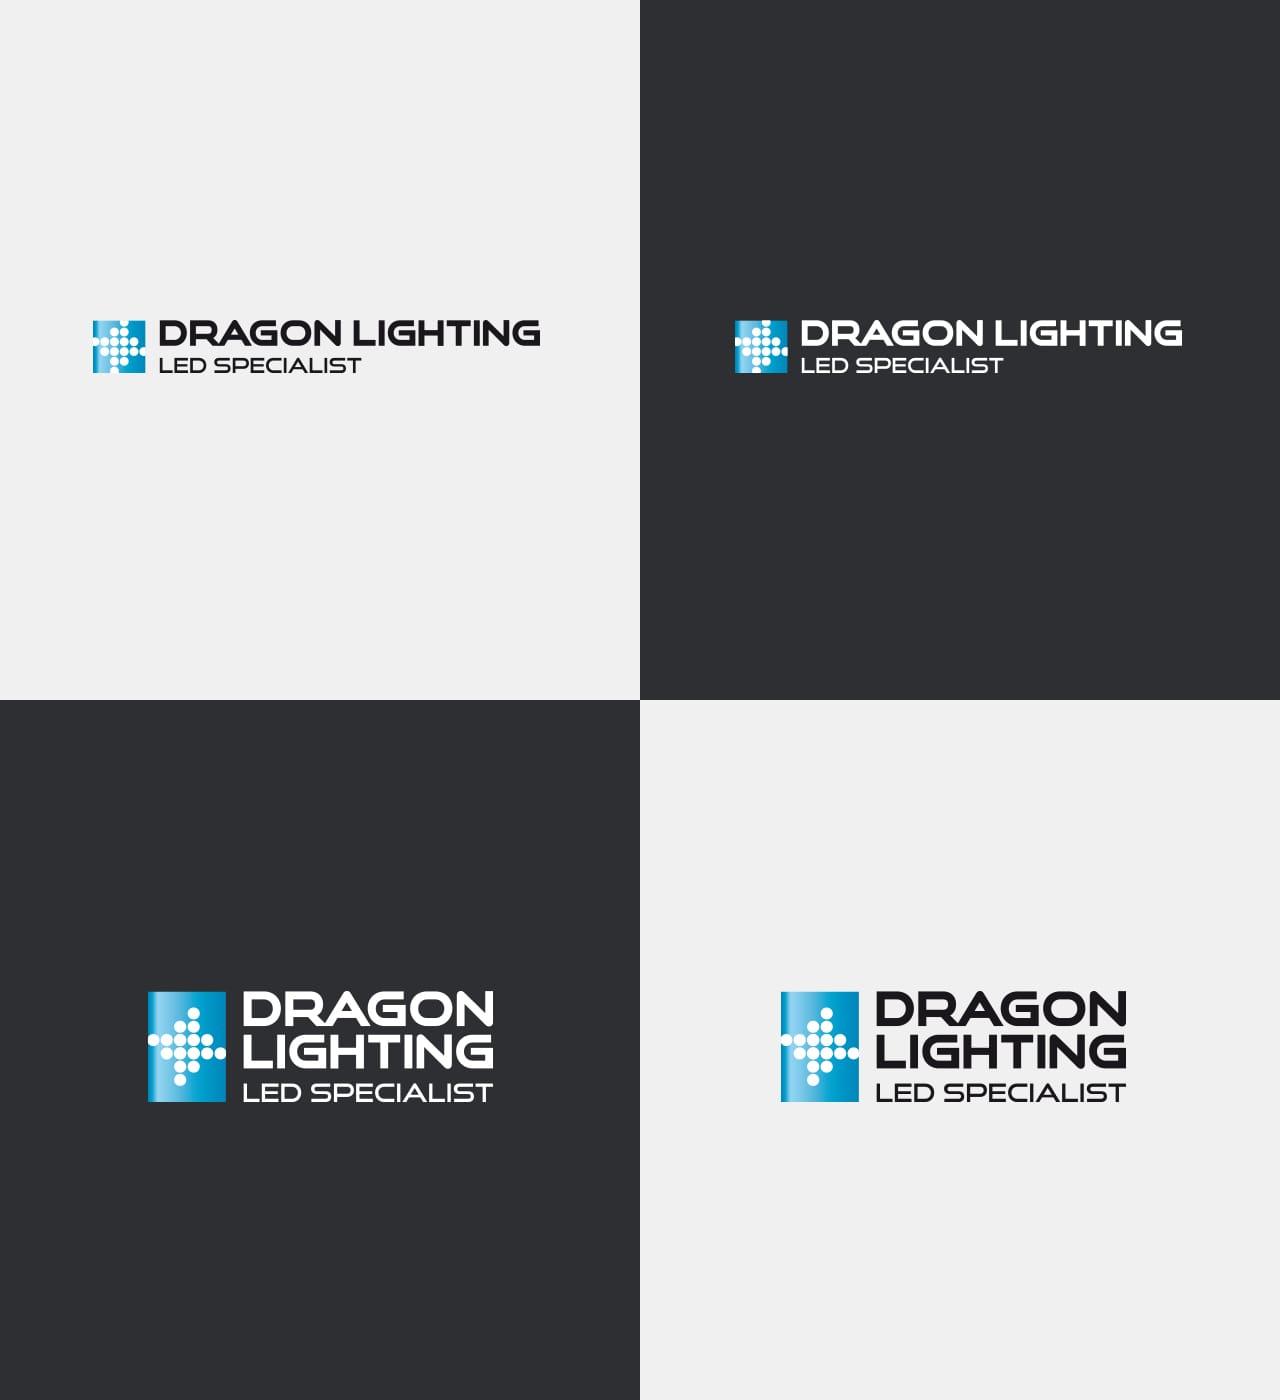 Dragon Lighting projektowanie logo firmy warianty kolorystyczne identyfikacje Agencja brandingowa Moweli Creative